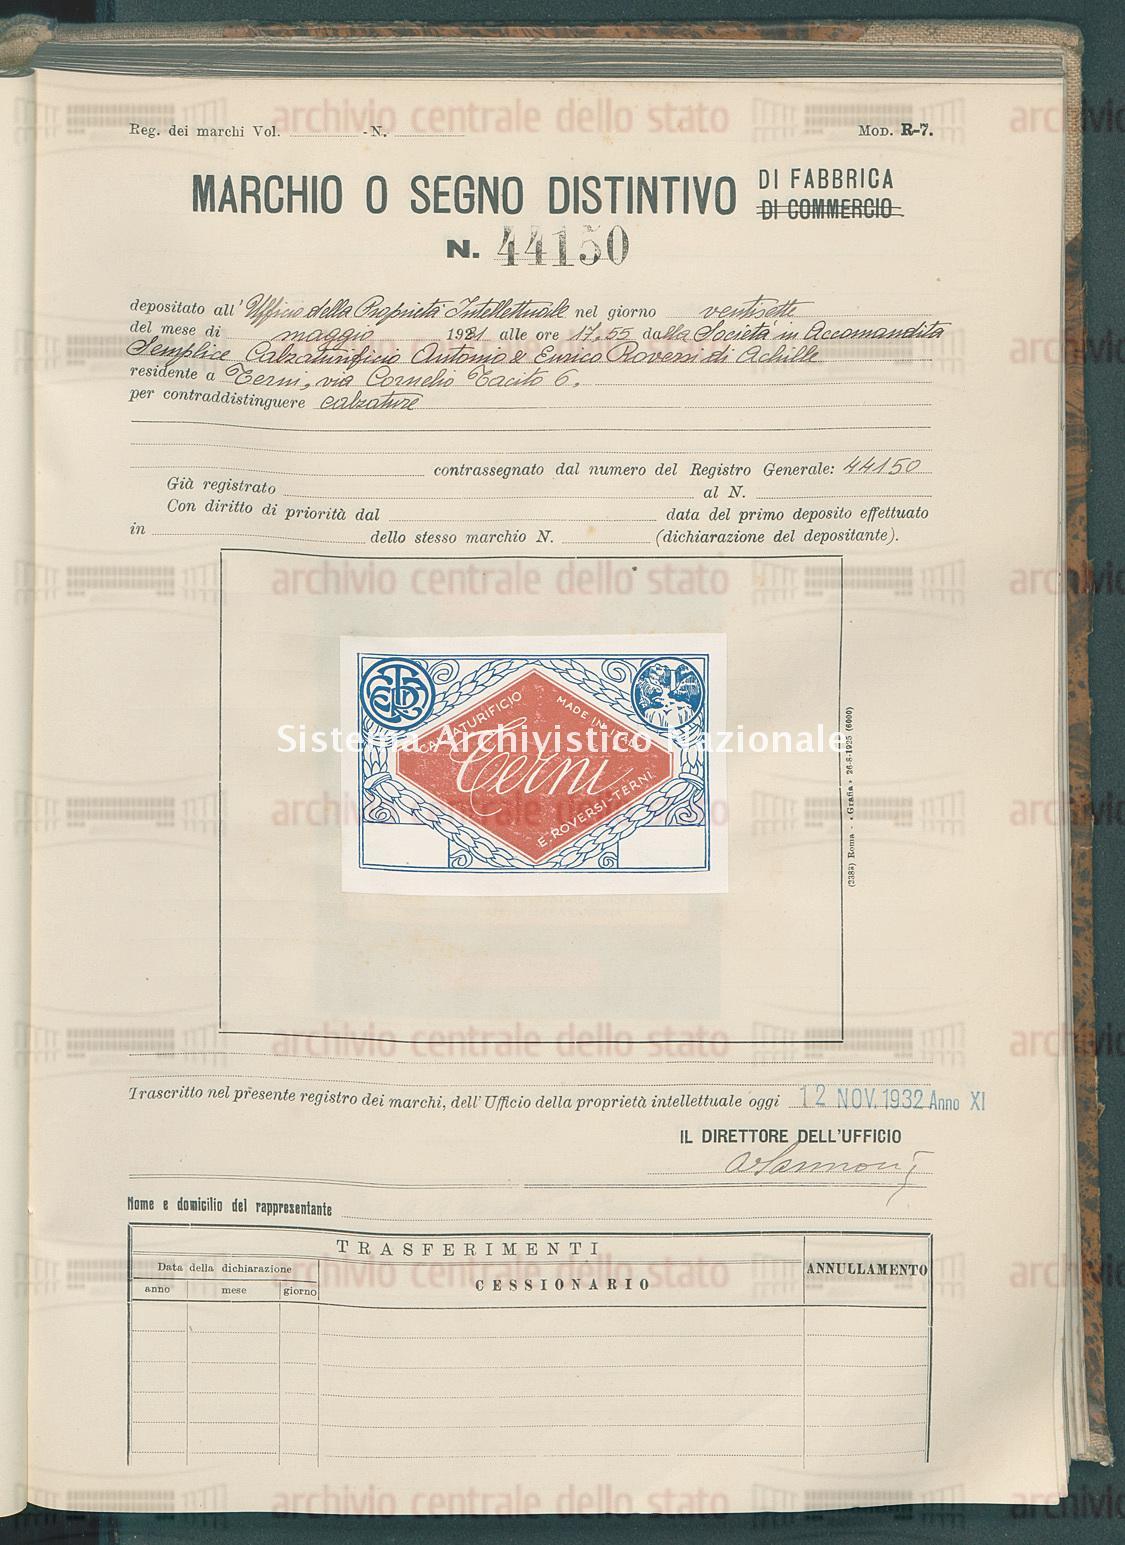 Calzature Societa' In Accomandita Semplice Calzaturificio Antonio & Enrico Roversi Di Achille (12/11/1932)